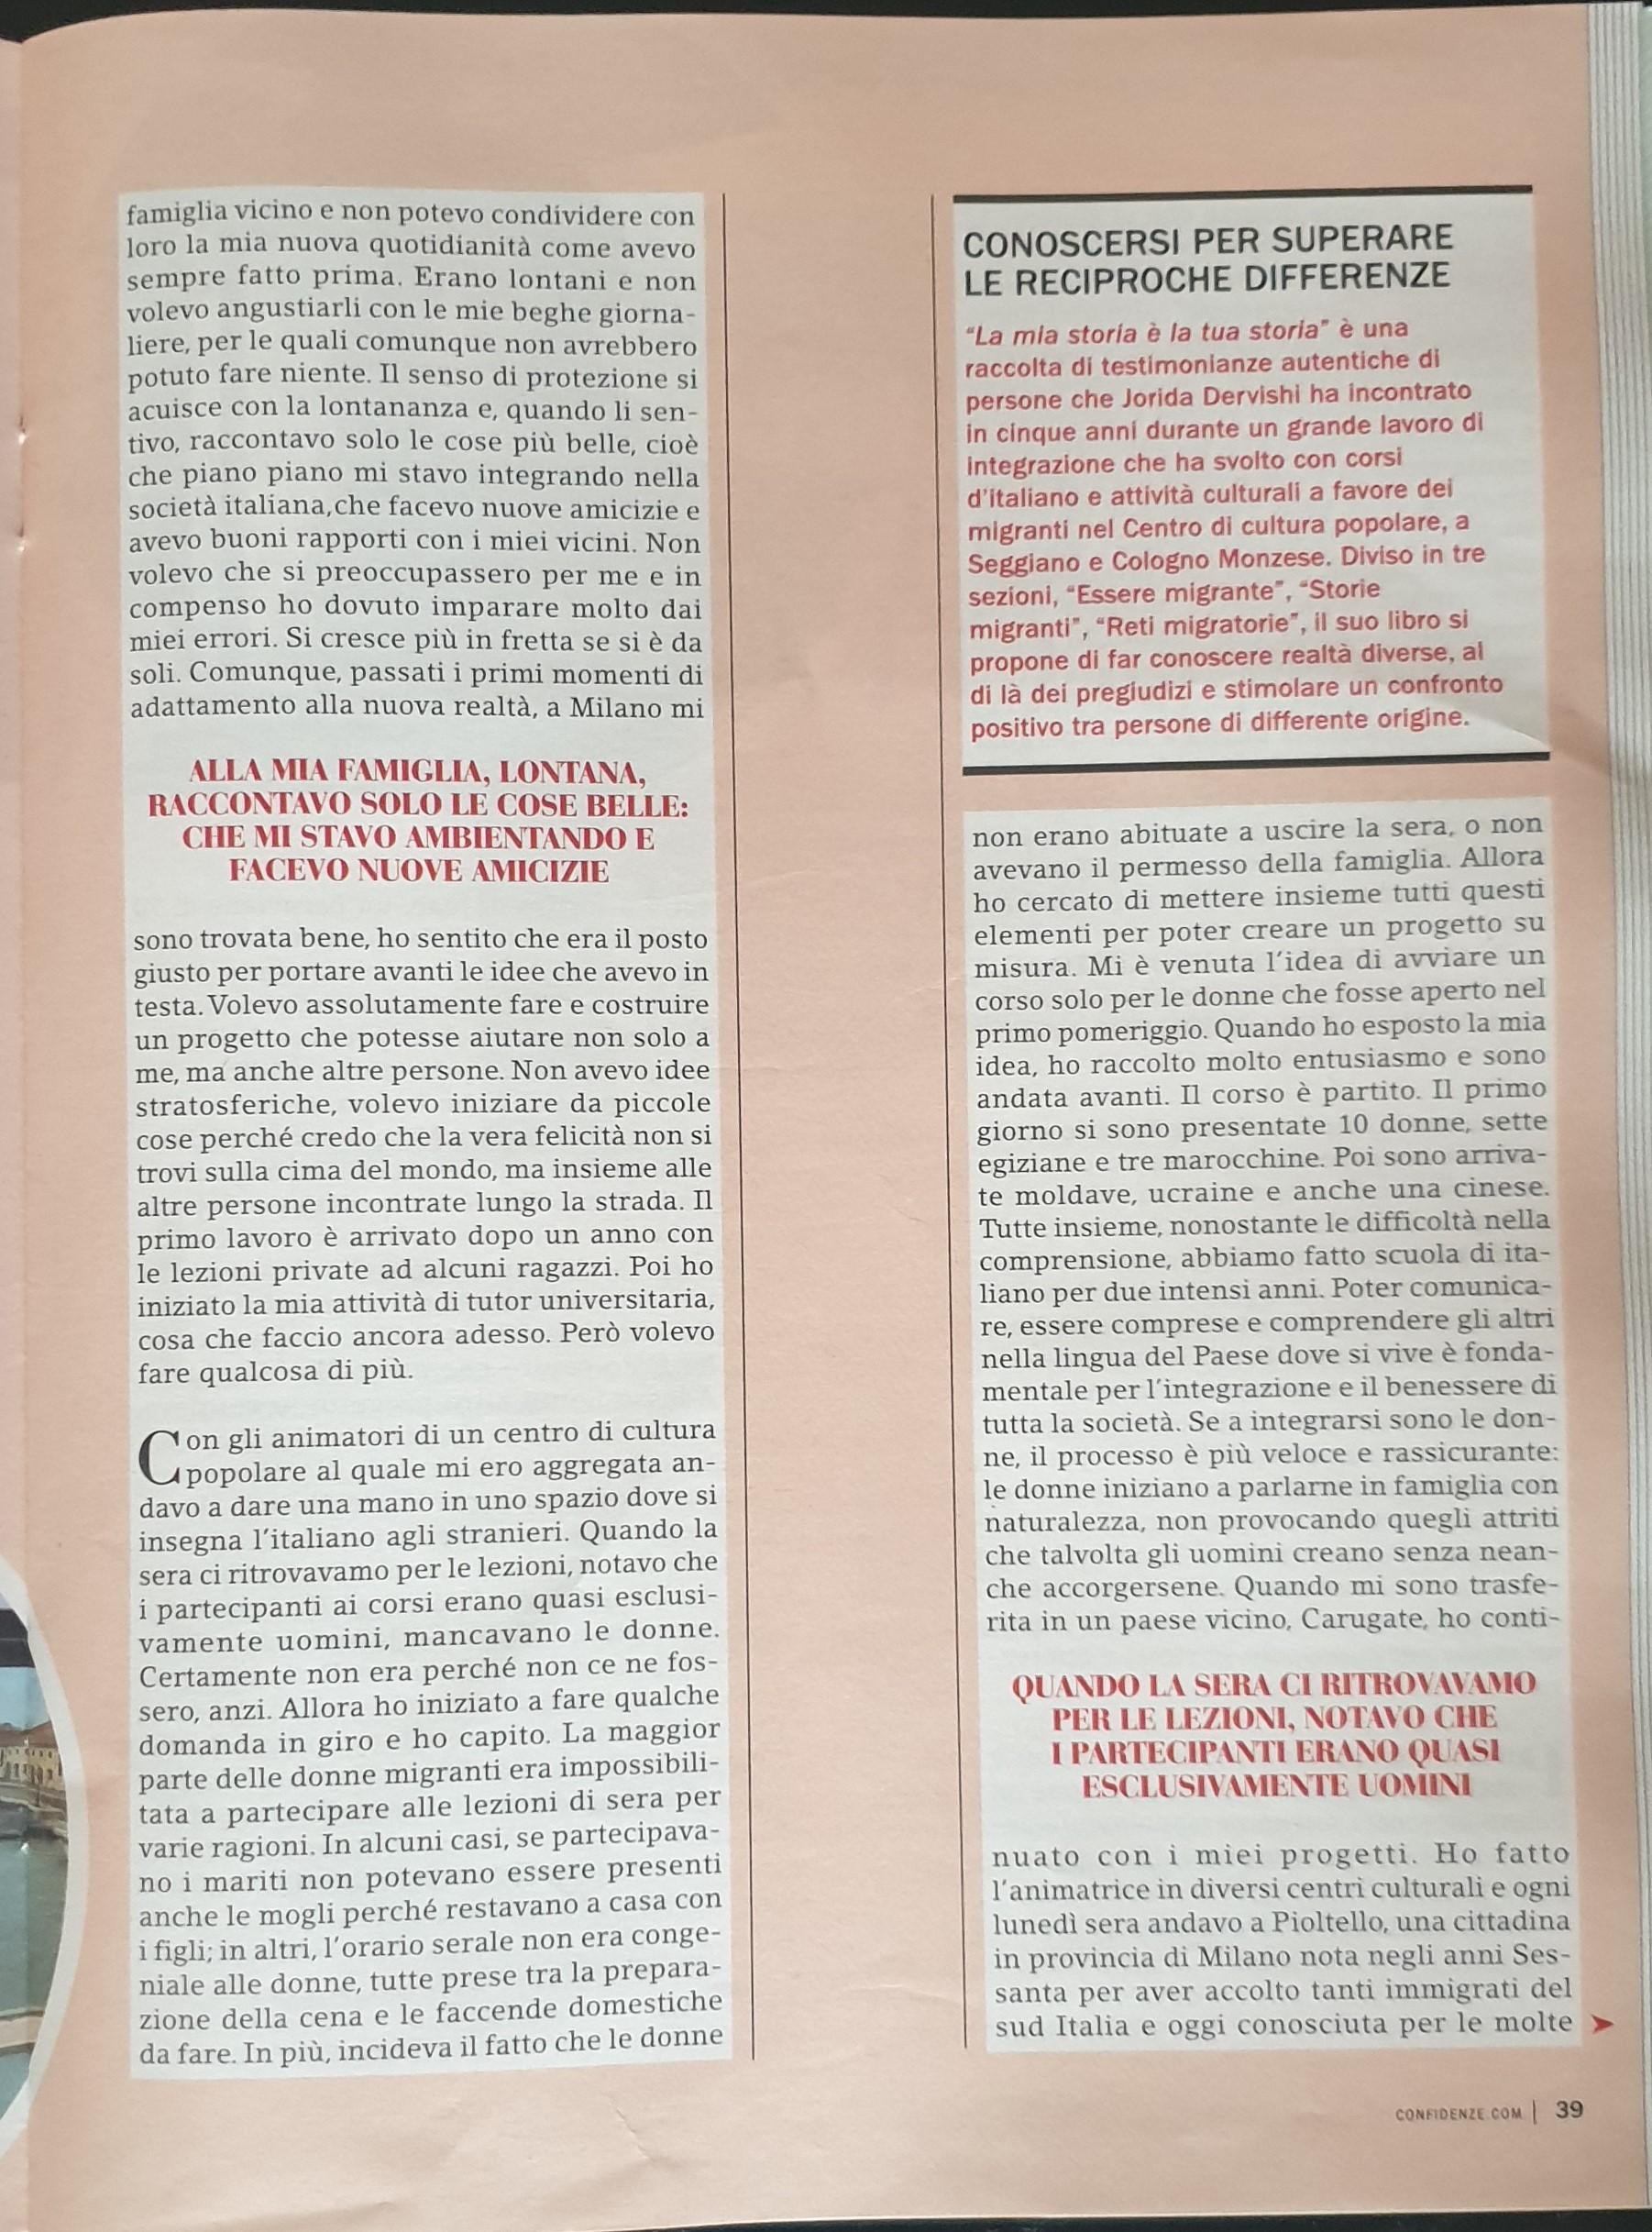 3 - Storia di Jorida Dervishi Pag. 2